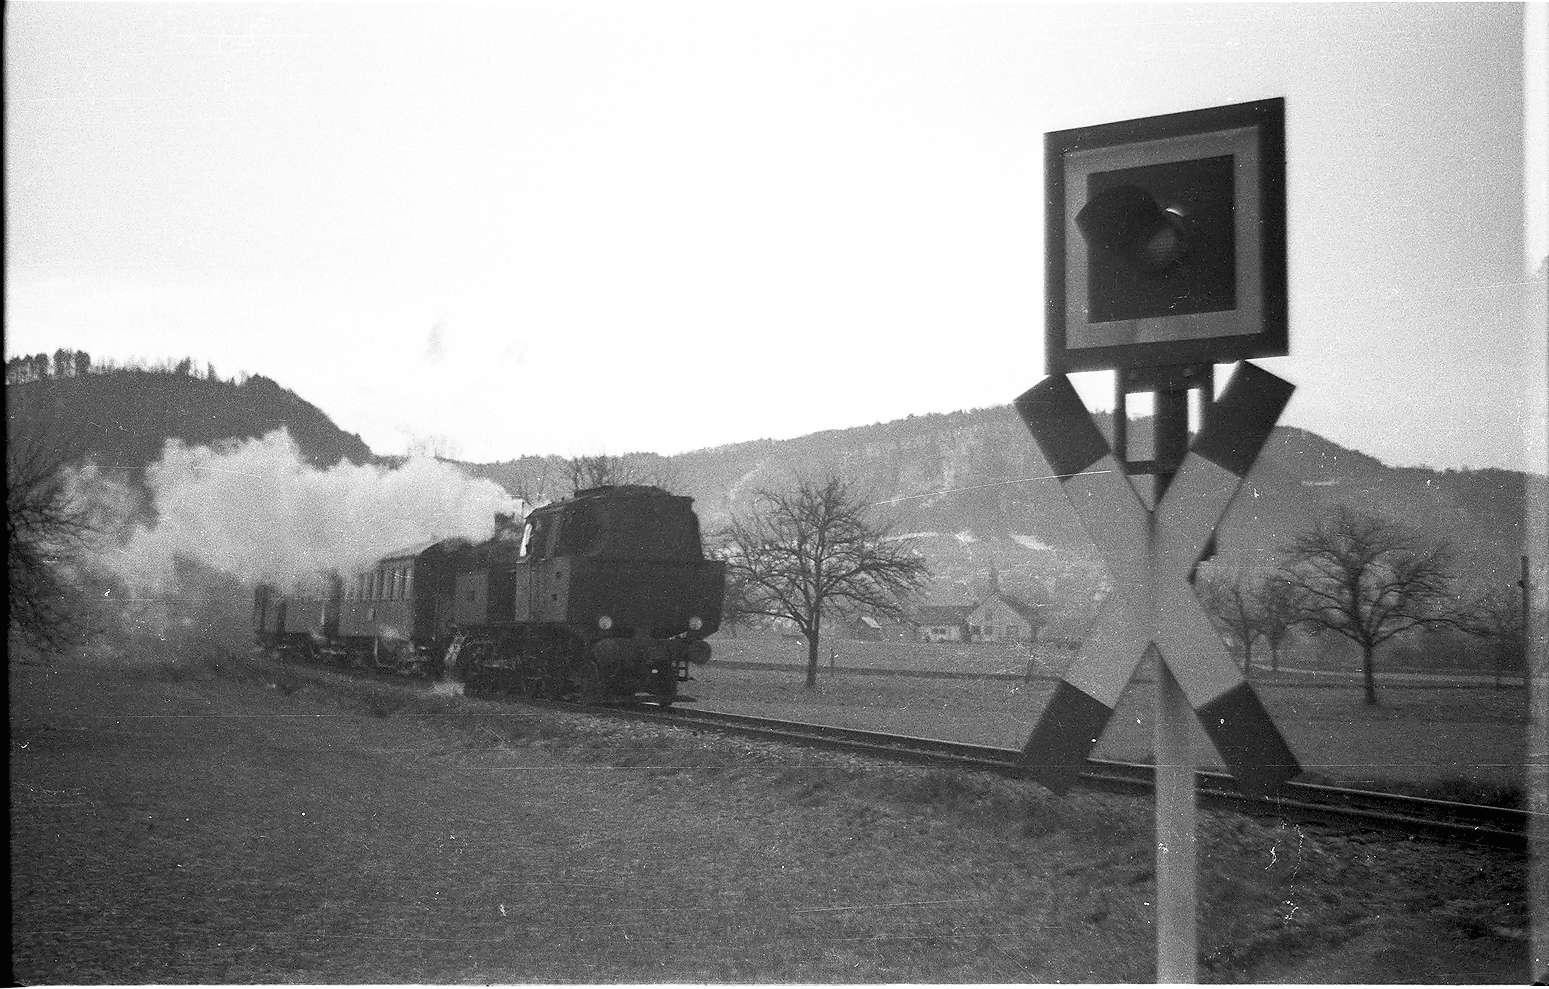 Lok 15, 298, Bundesstraße 32 bei Killer, Blinkanlage, Bild 1